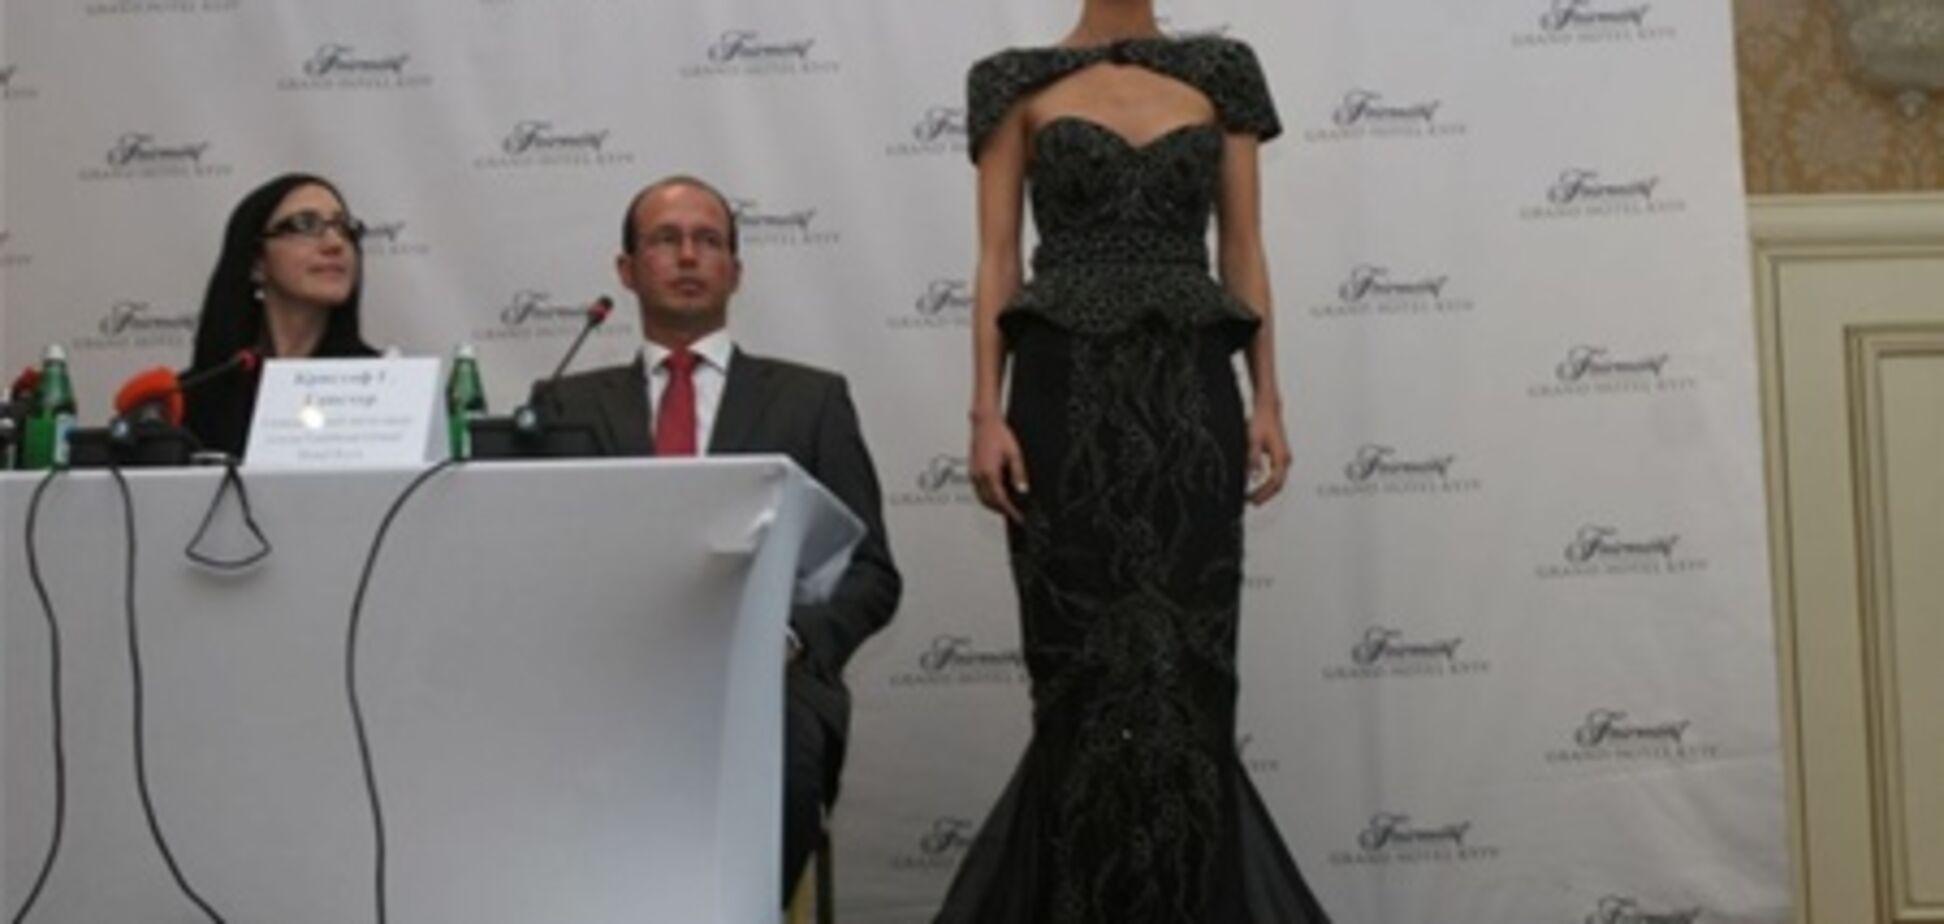 У Київ привезли найдорожча сукня в світі за $ 5,5 млн.